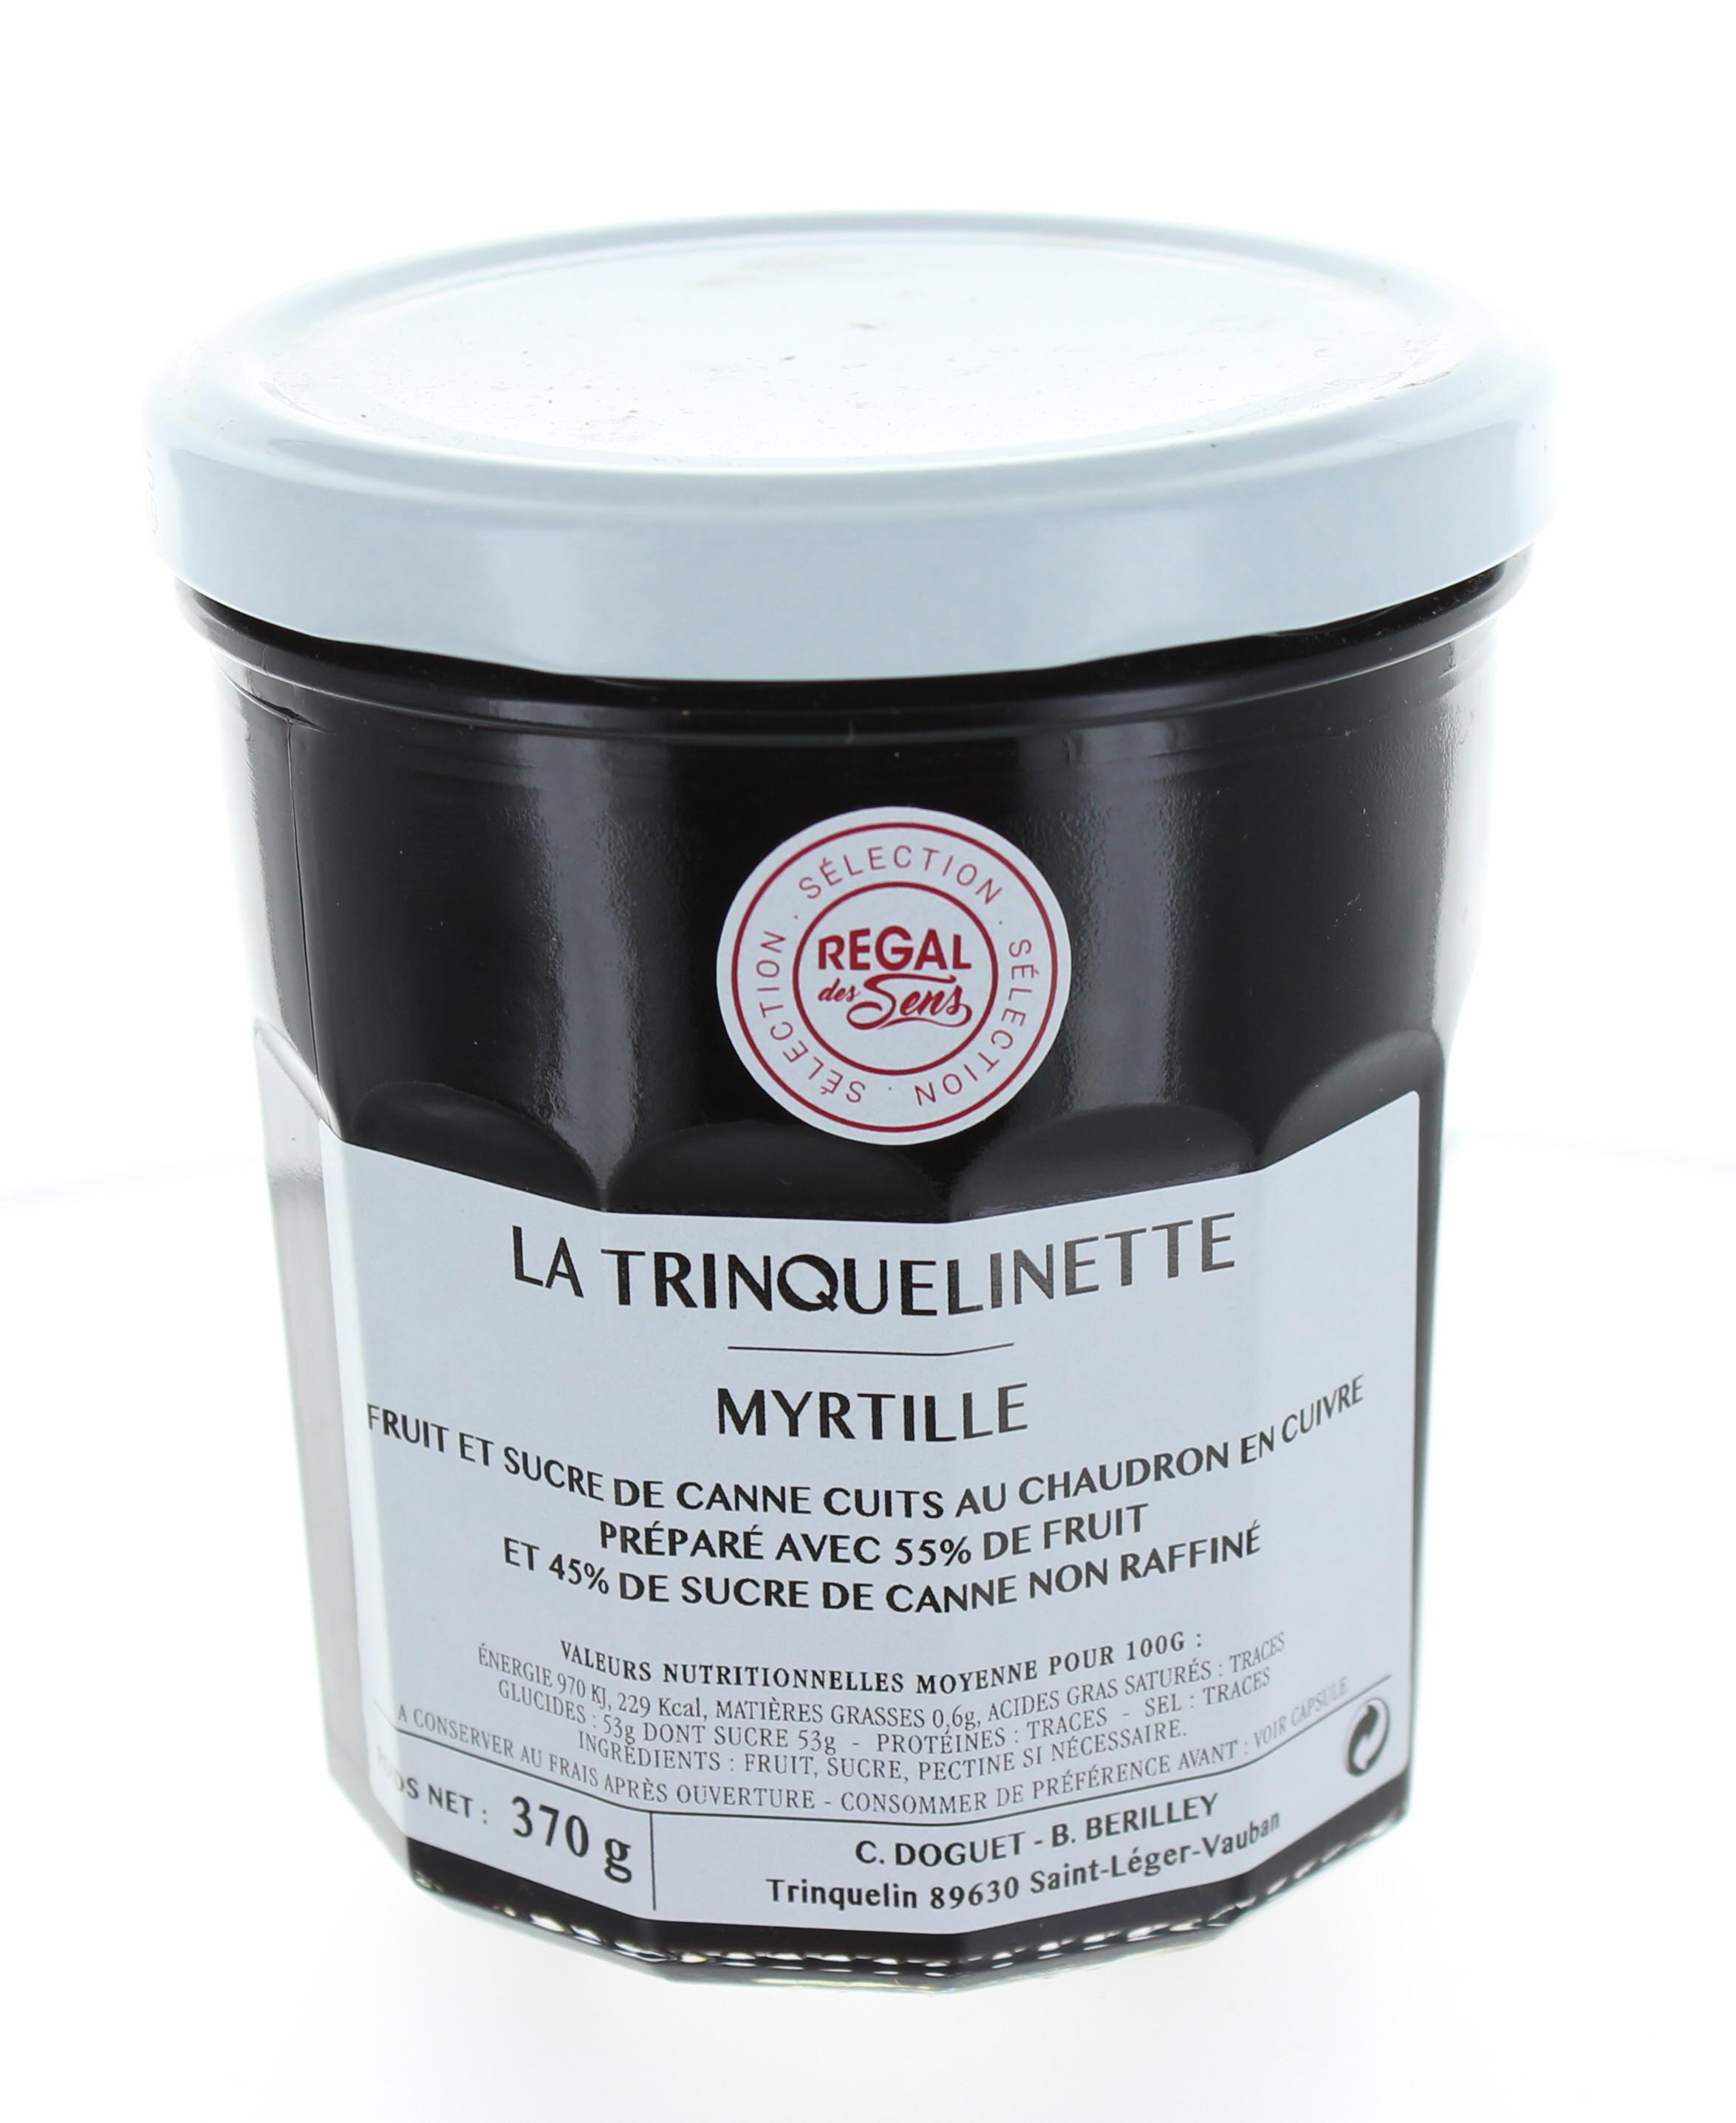 Confiture de Myrtille - La trinquelinette